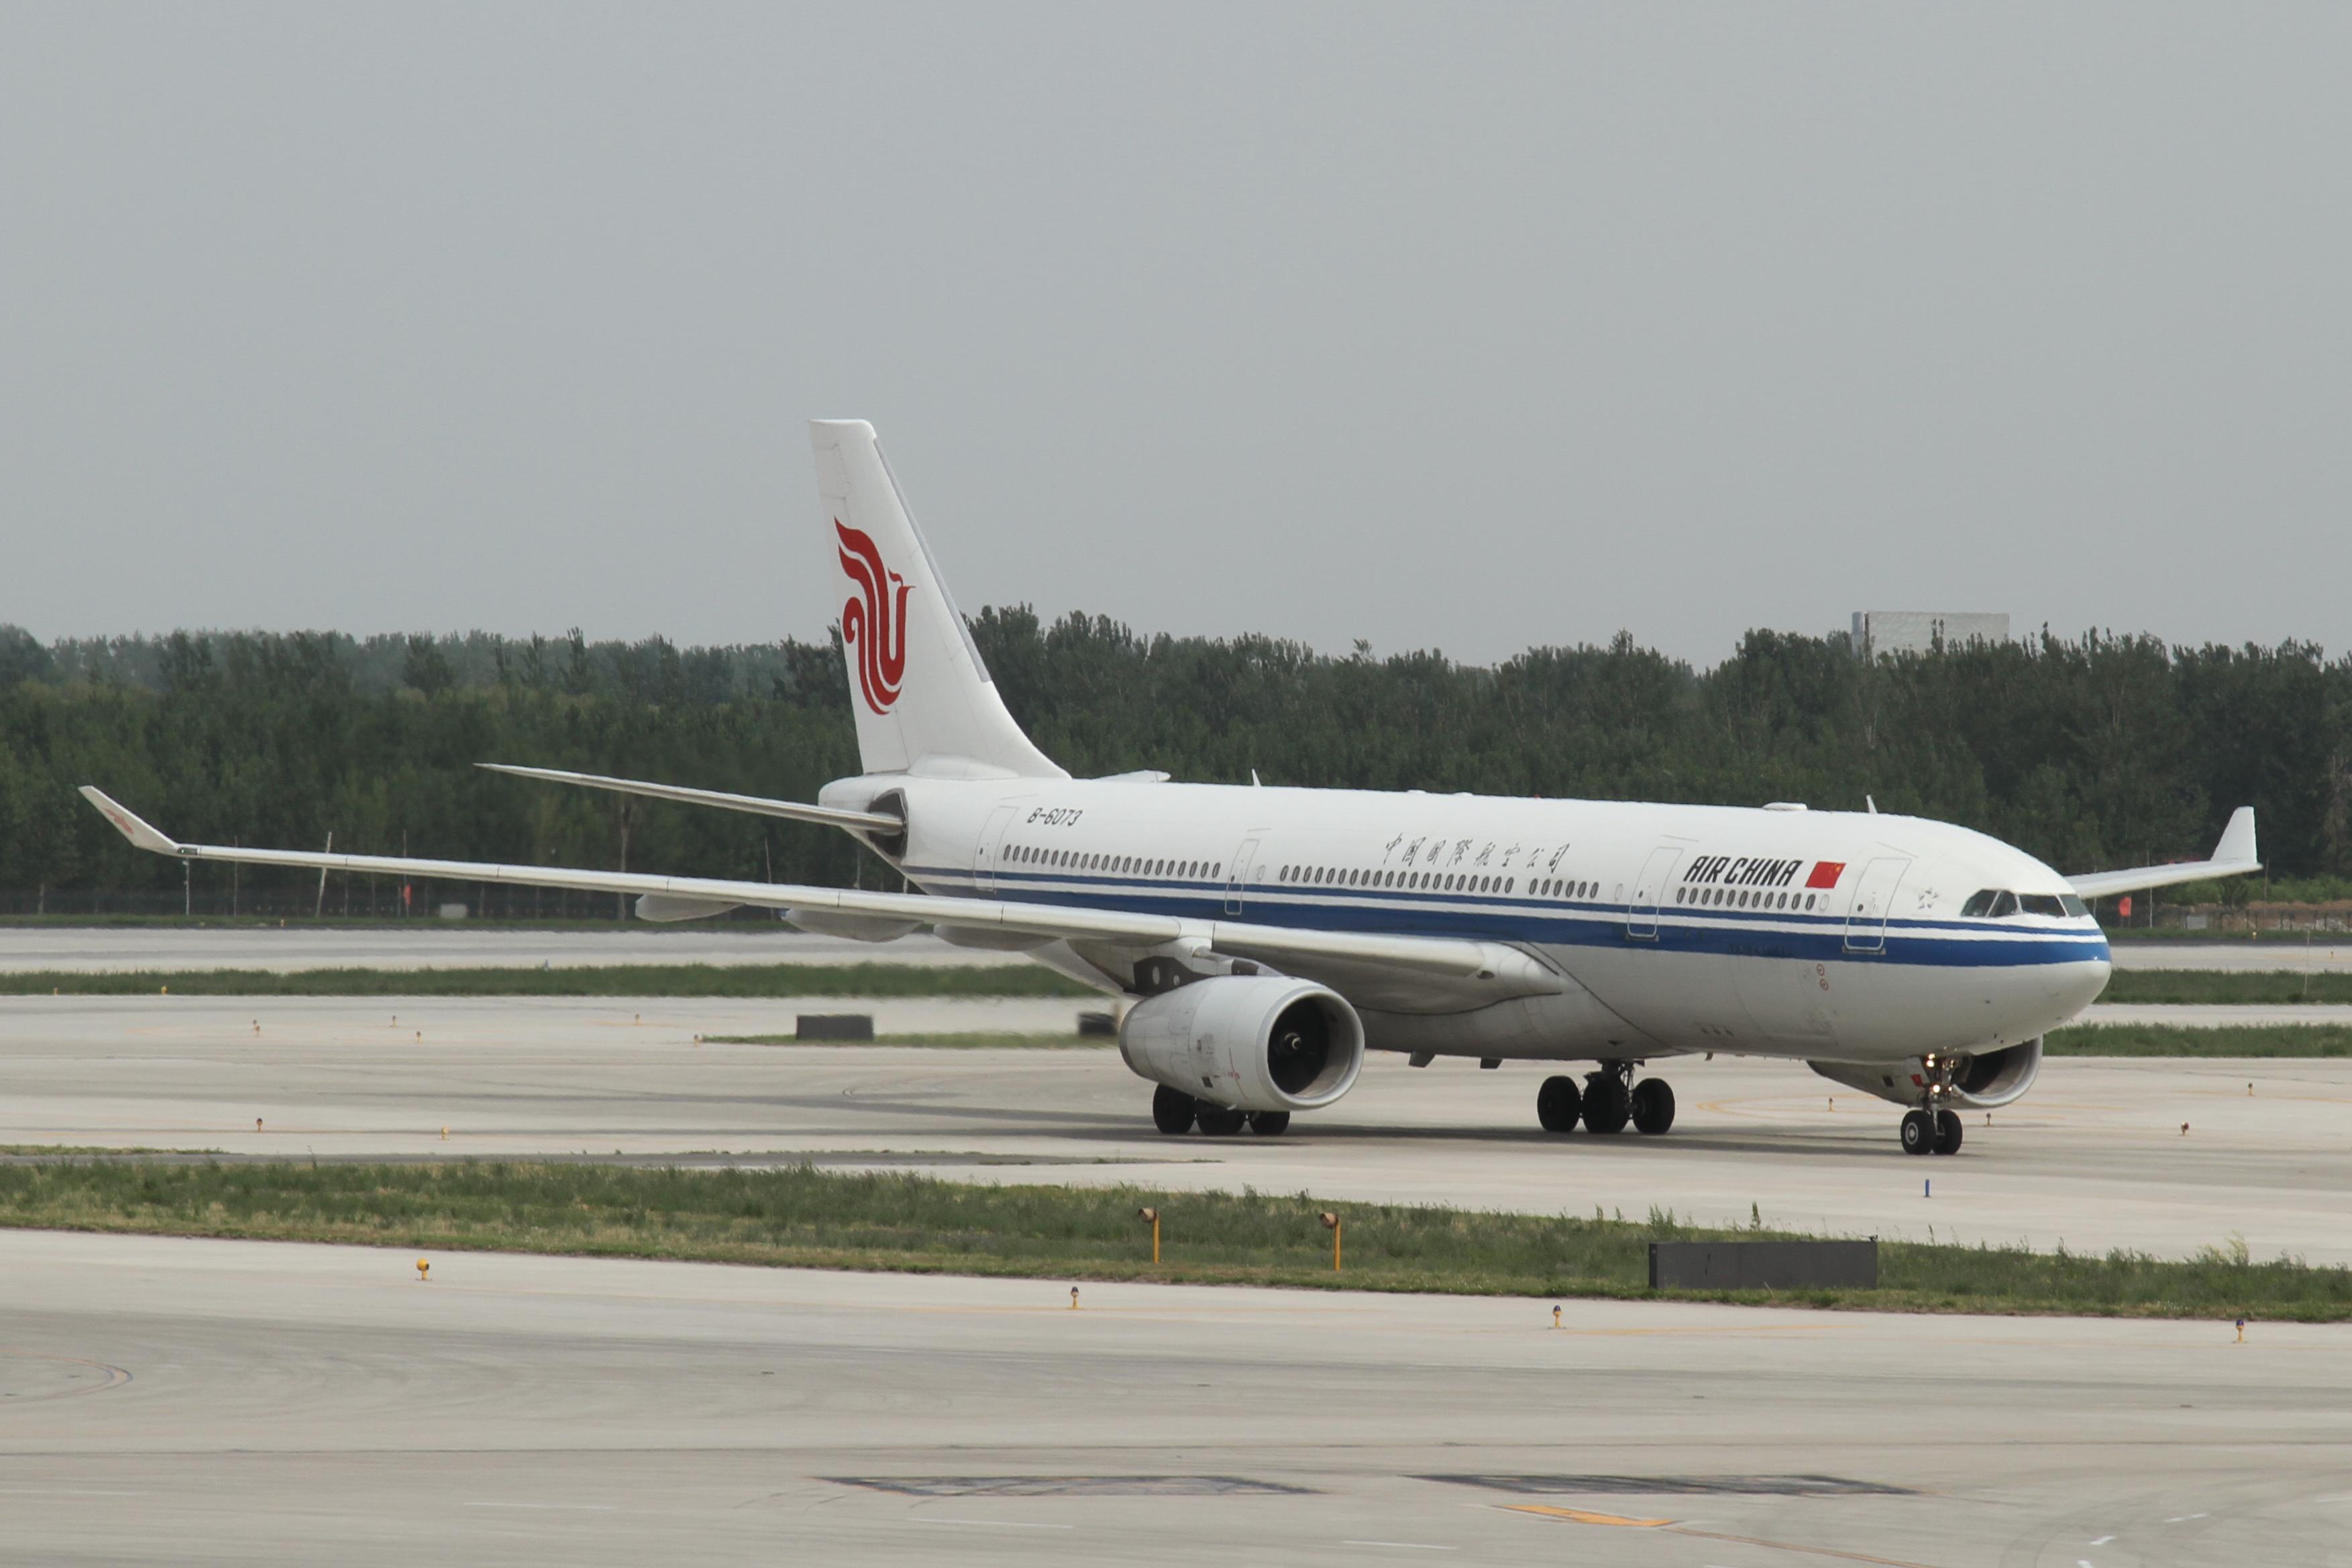 Airbus A330-200 fra Air China. (Foto: Kentaro Lemoto)